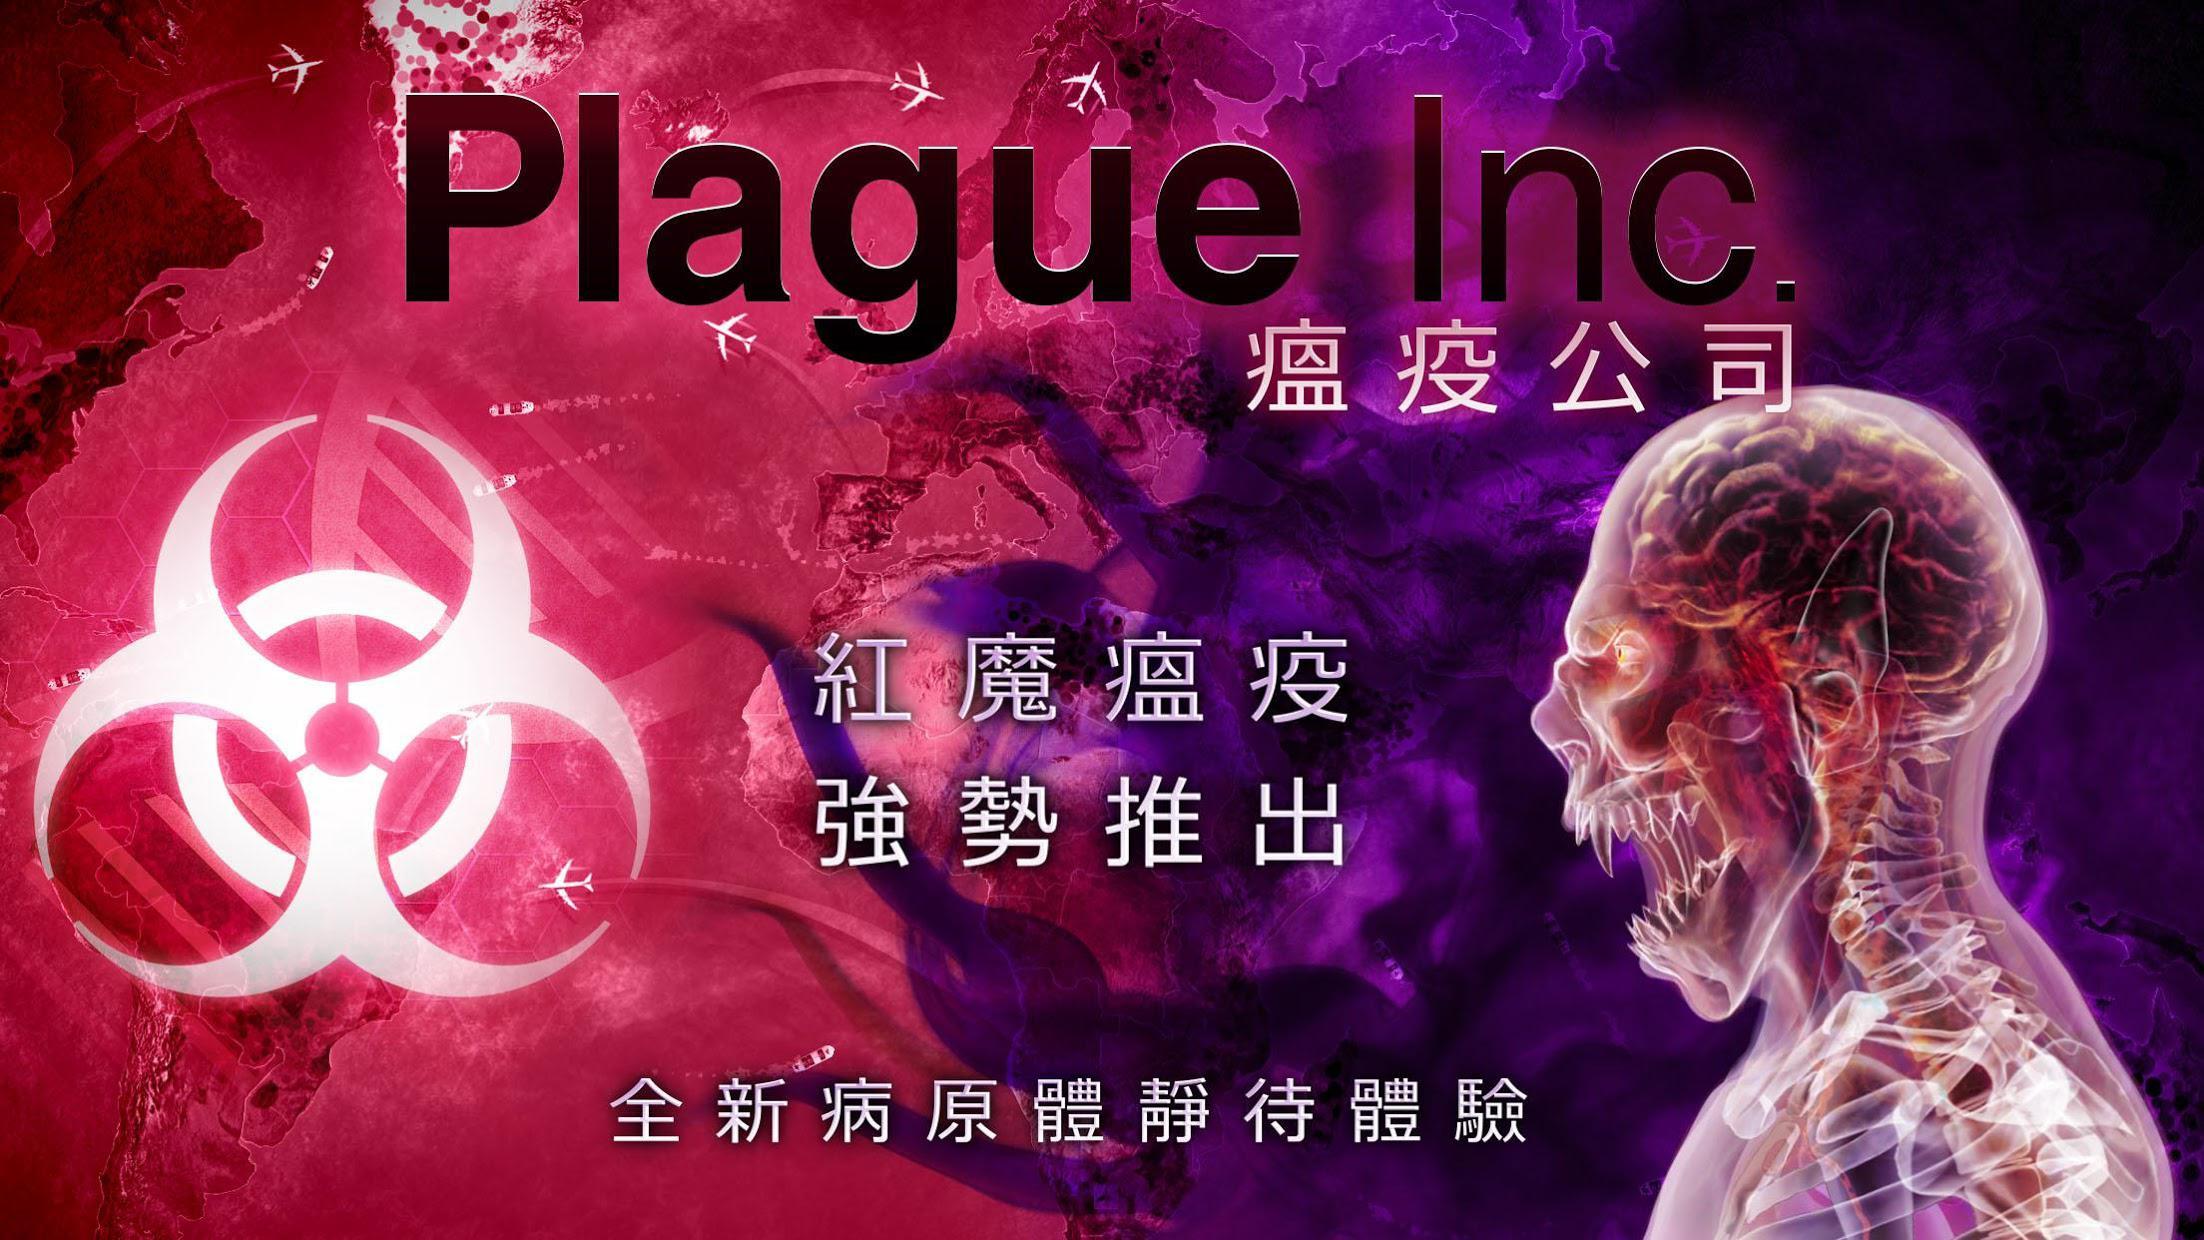 瘟疫公司(Plague Inc.) 游戏截图1